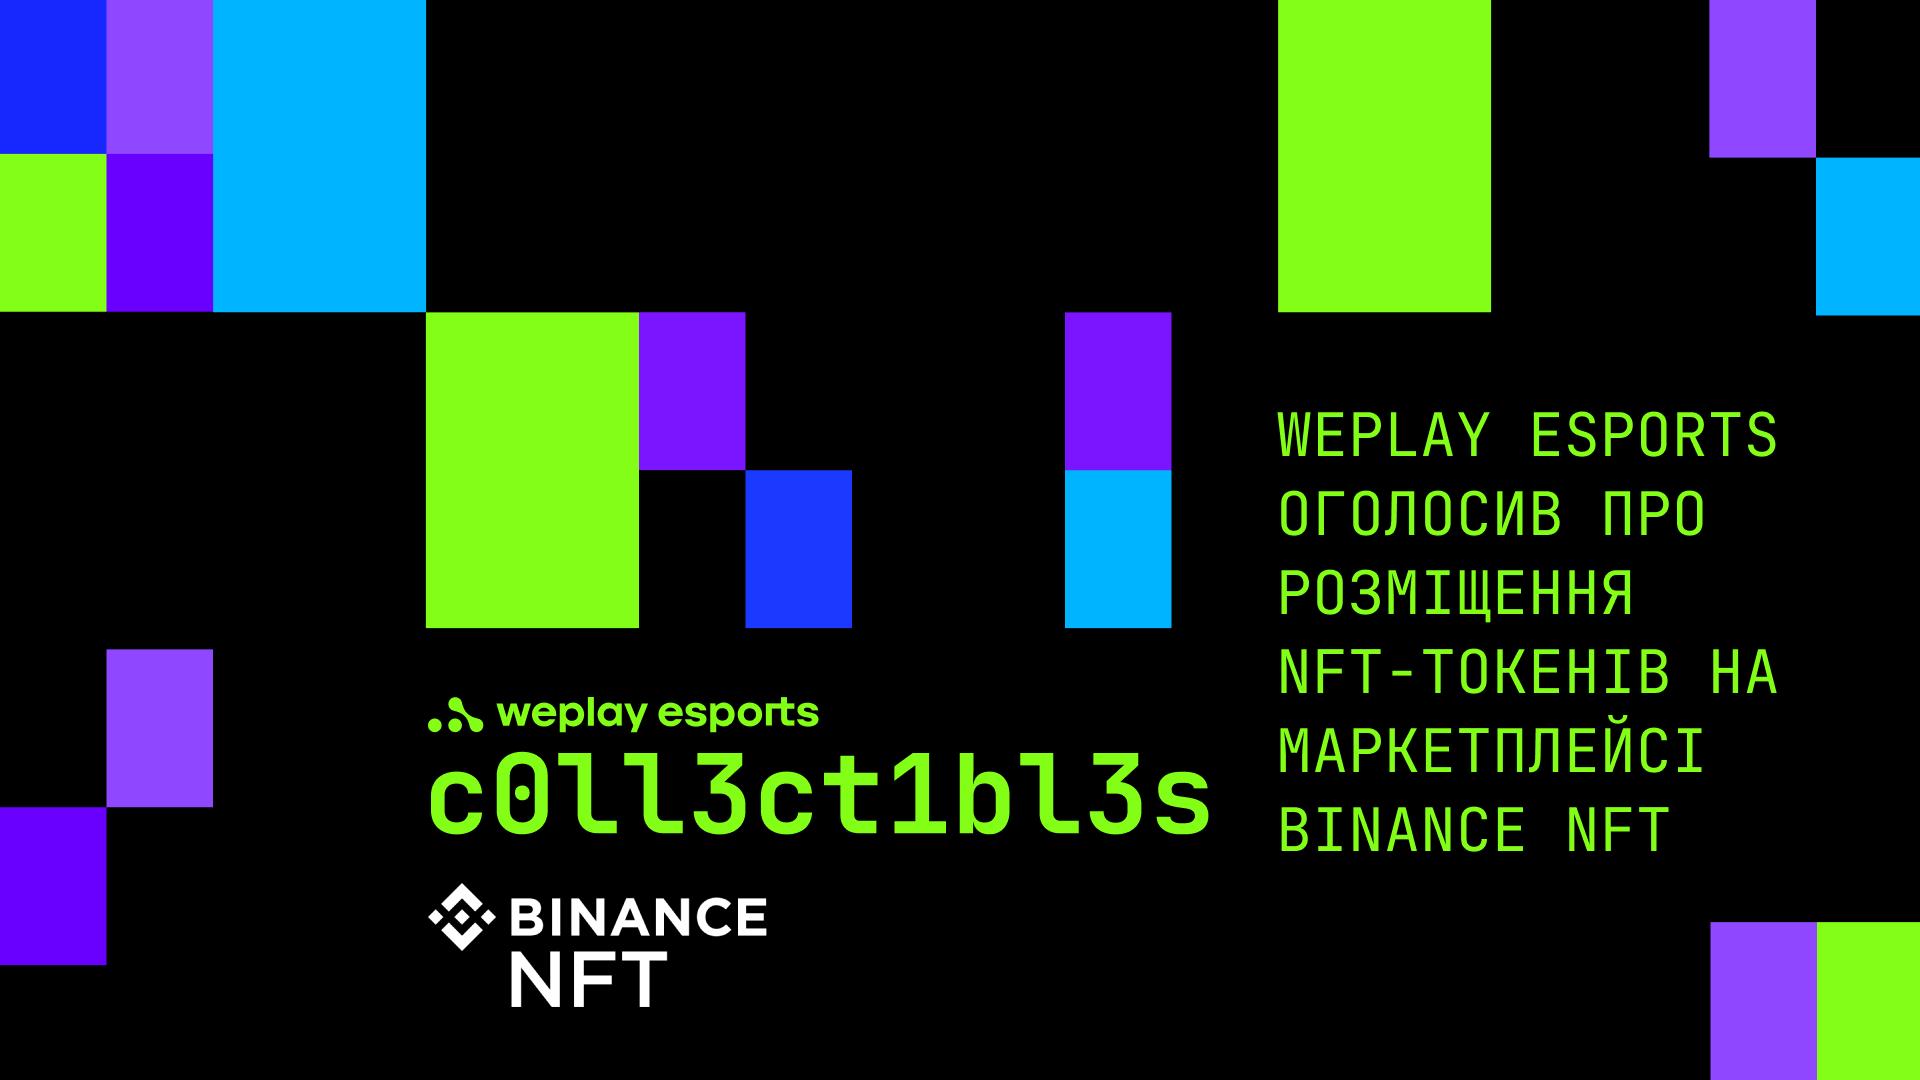 WePlay Esports оголосив про розміщення NFT-токенів на маркетплейсі Binance NFT. Зображення WePlay Holding